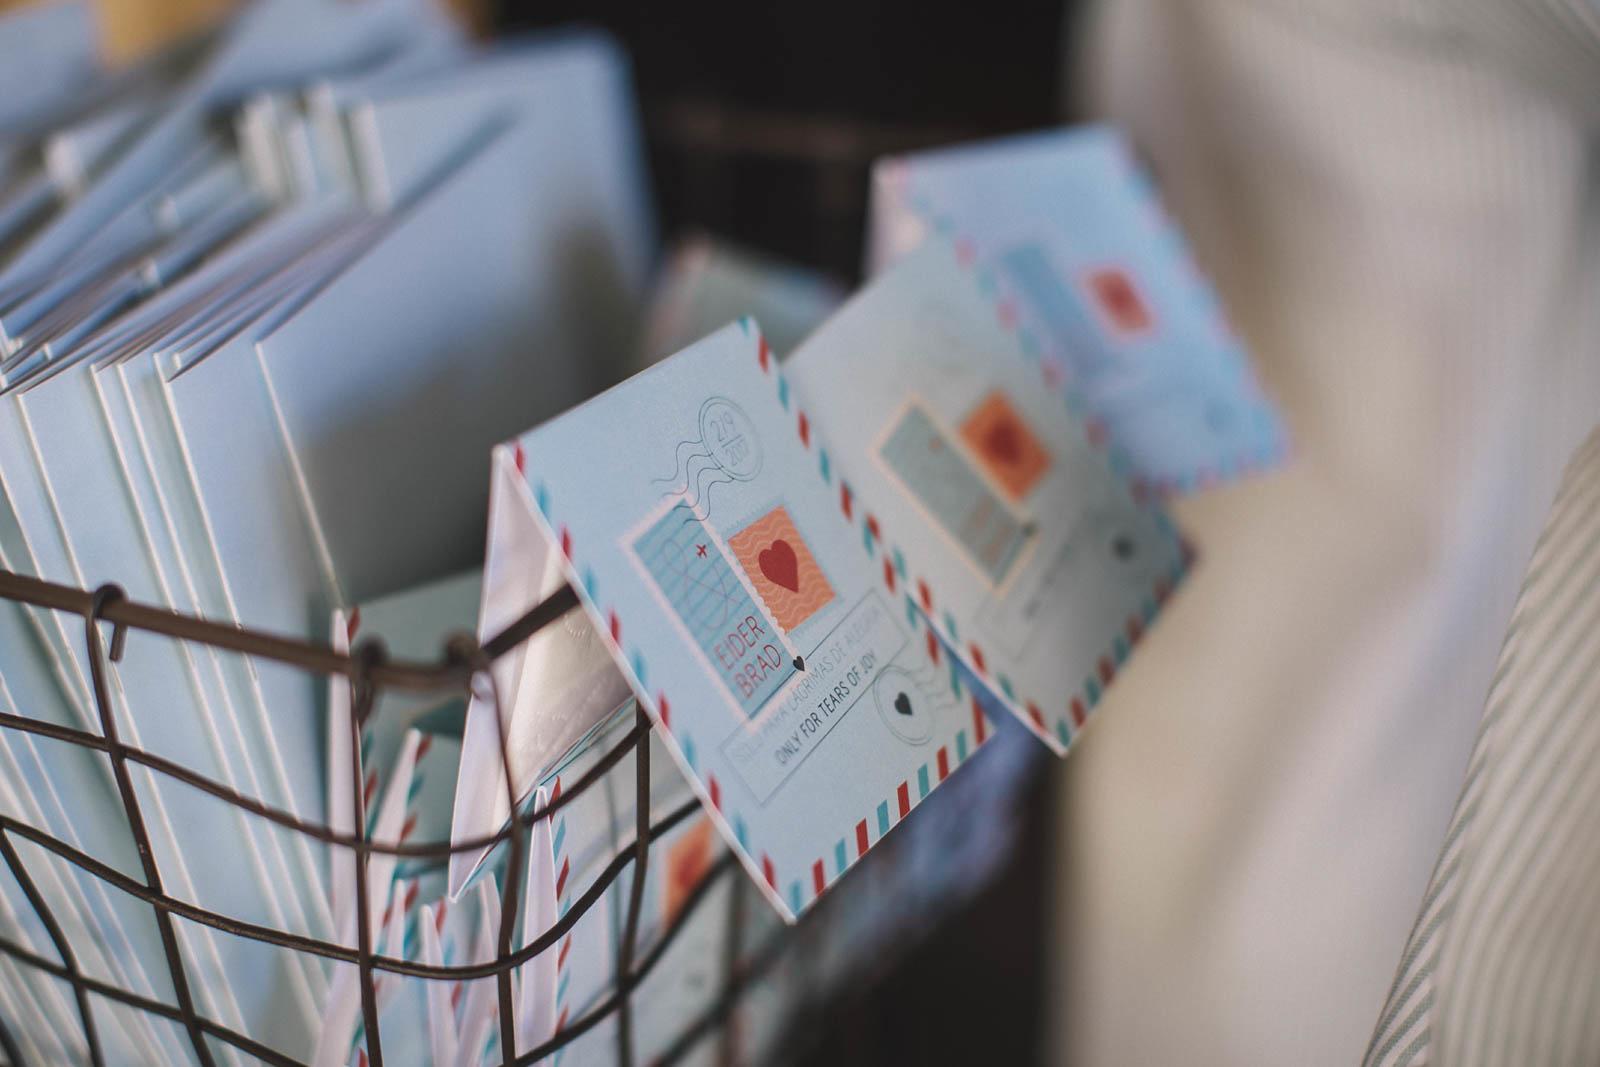 Misales y lágrimas de felicidad diseñados para la boda de E&B en Garai, organizada por Conmemora Wedding Planner